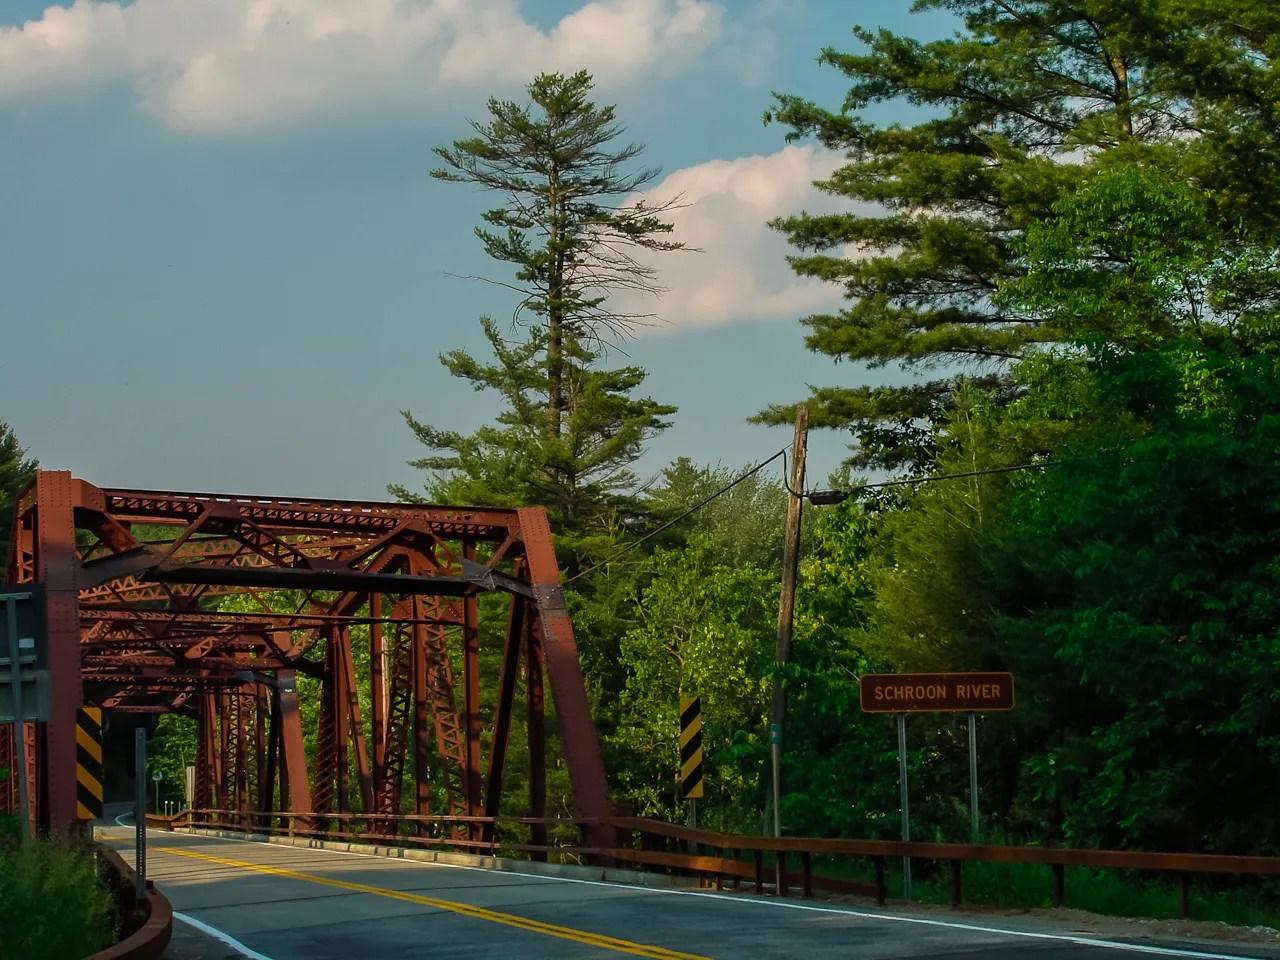 Bridge over the Schroon River